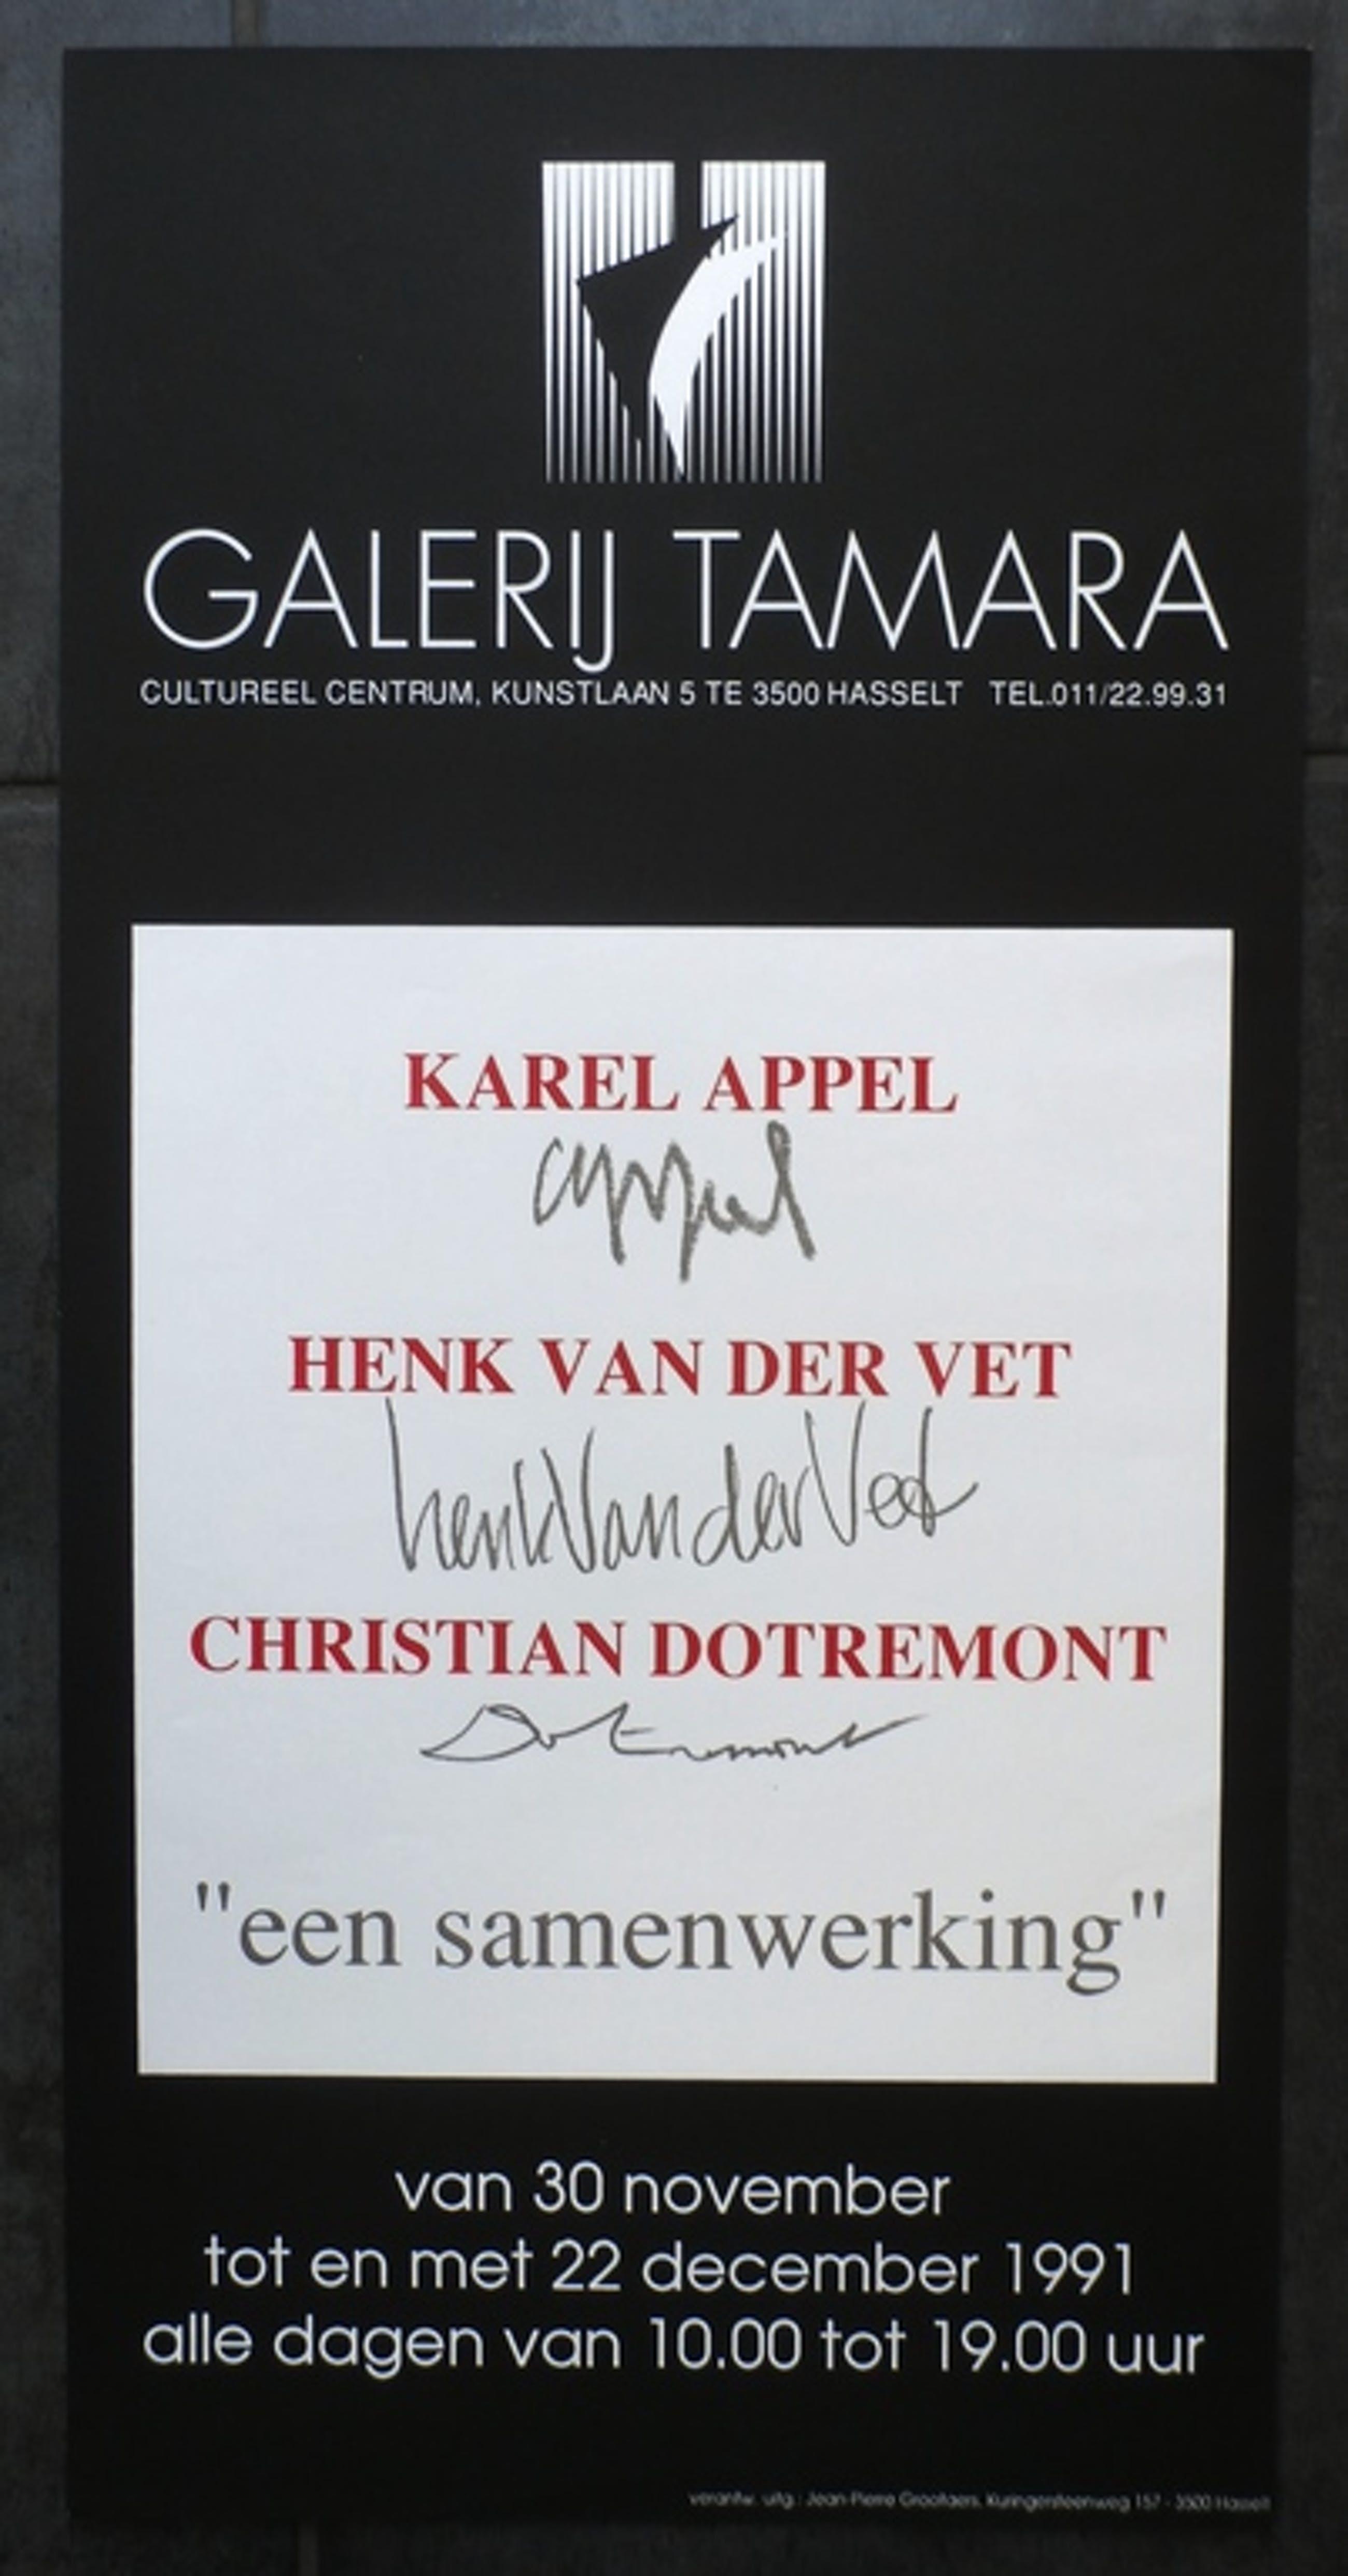 Karel Appel @ Christian Dotremont- tentoonstellingsaffiche - 1991 kopen? Bied vanaf 20!